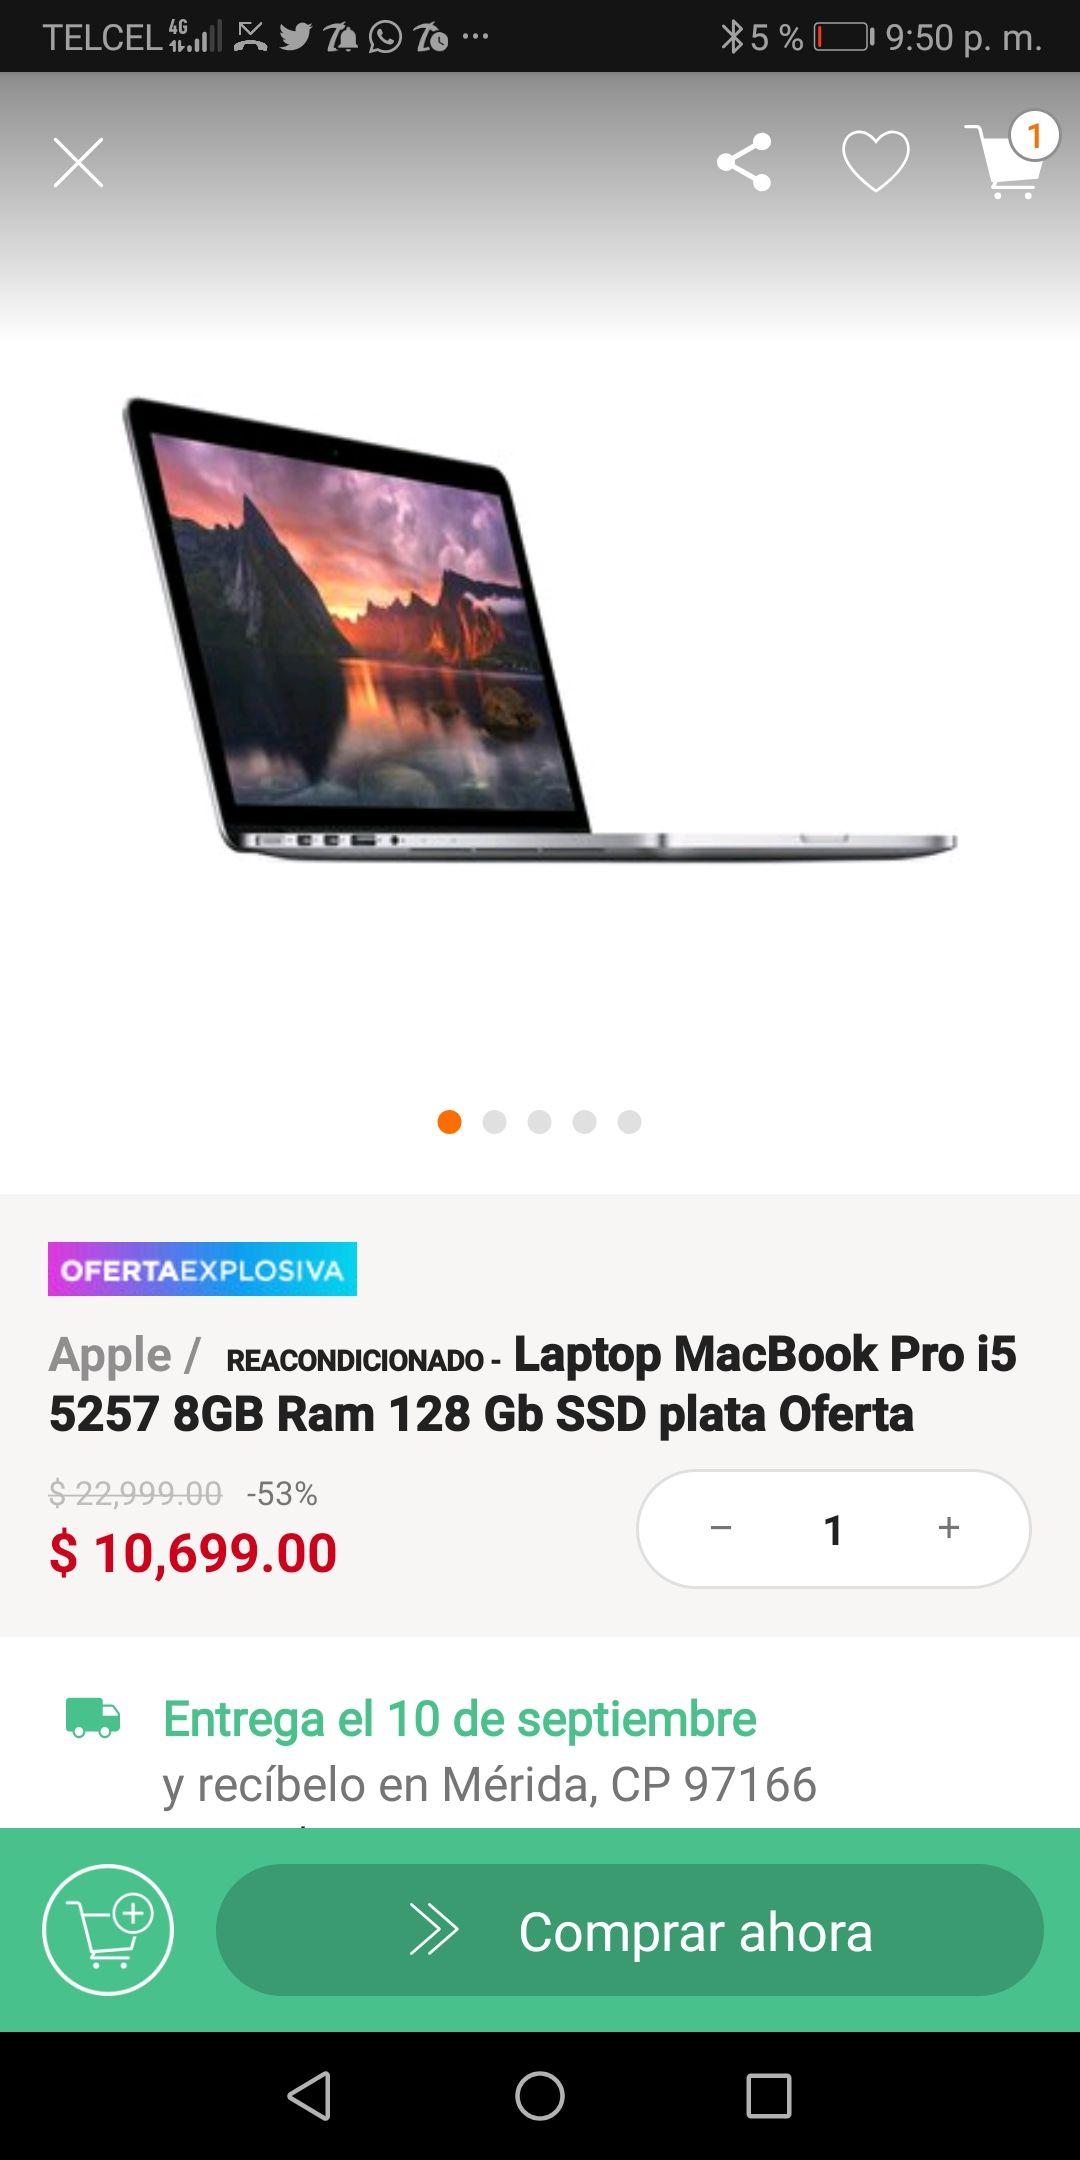 Linio: MACBOOK PRO CORE I5 8GB RAM 128GB SSD (Pagando con Banorte a través de Paypal) (REACONDICIONADA)